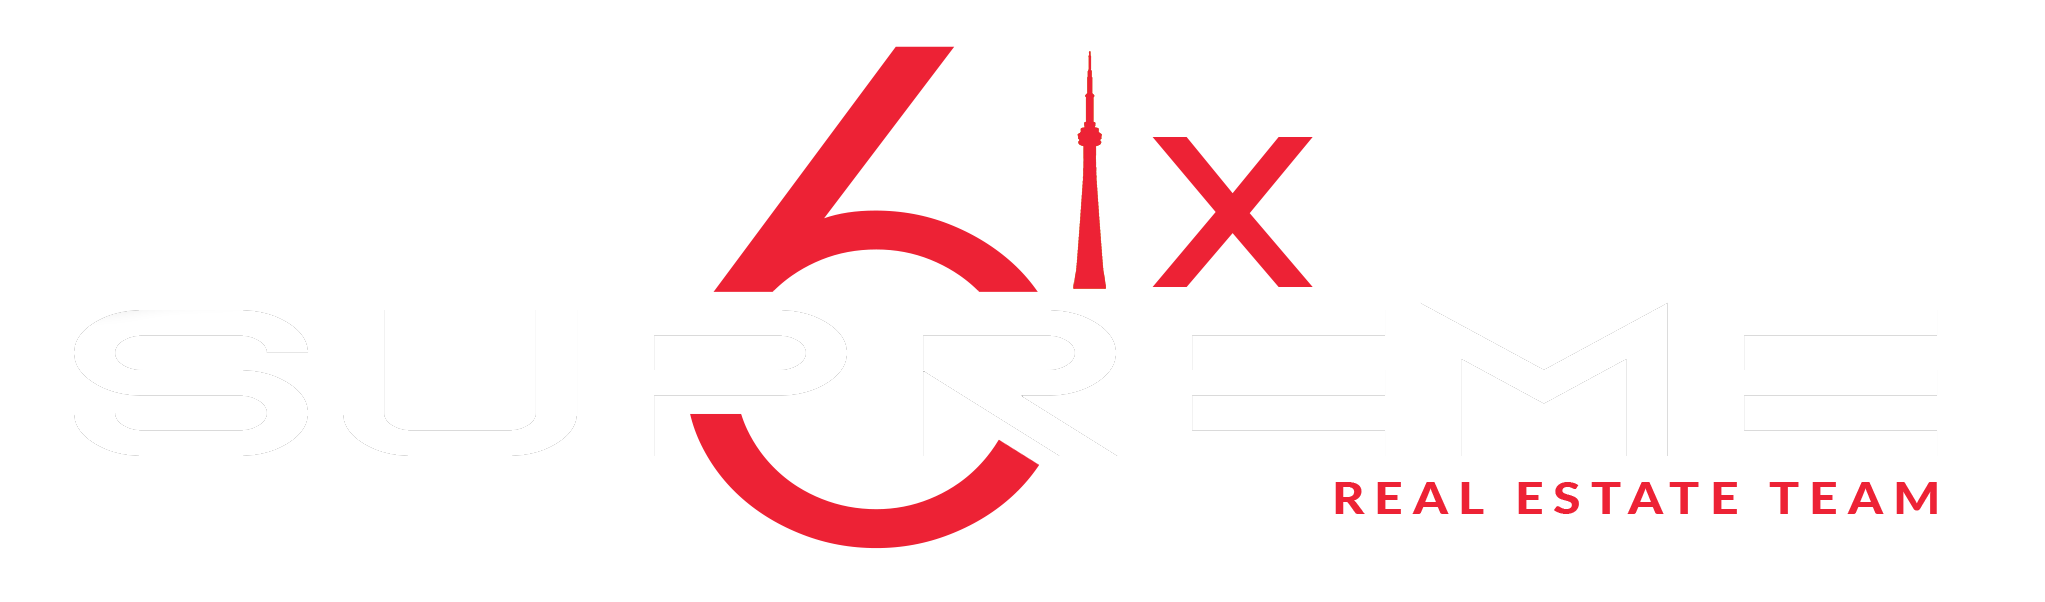 Supreme6ix